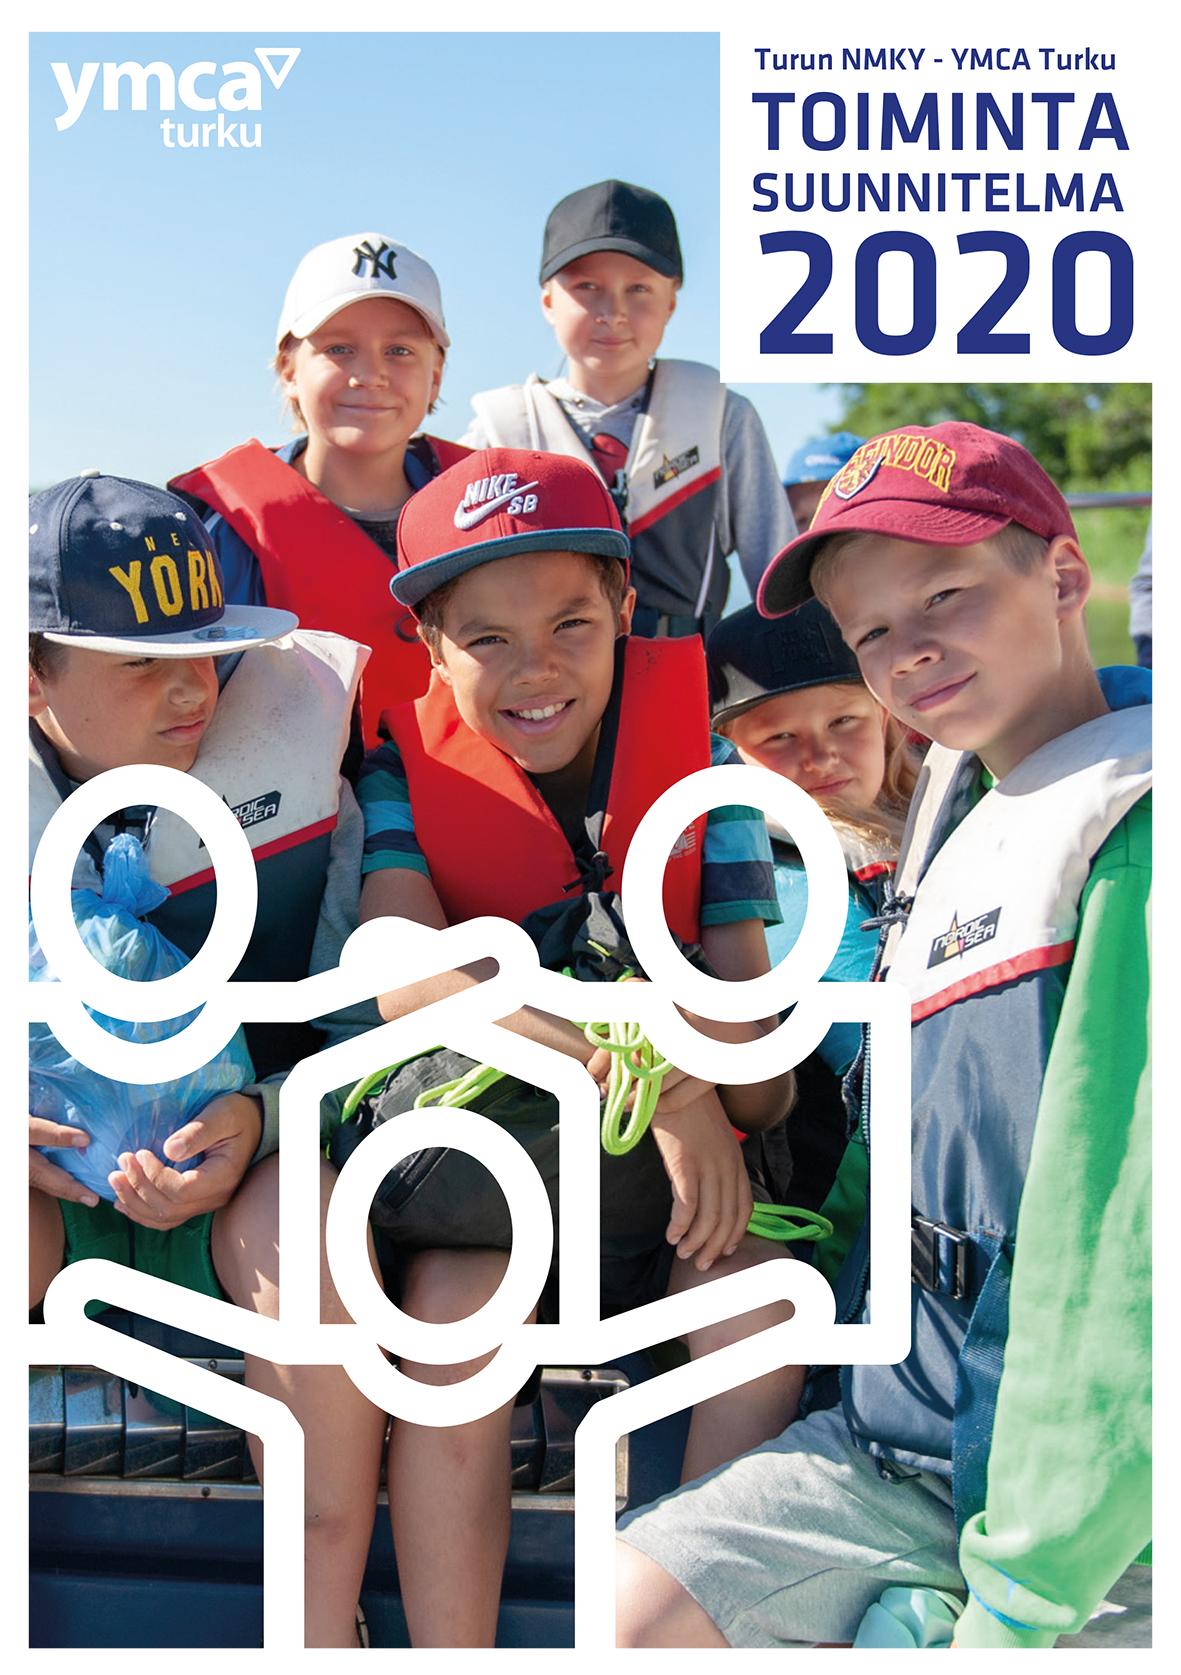 Turun NMKY – YMCA Turku vuonna 2020